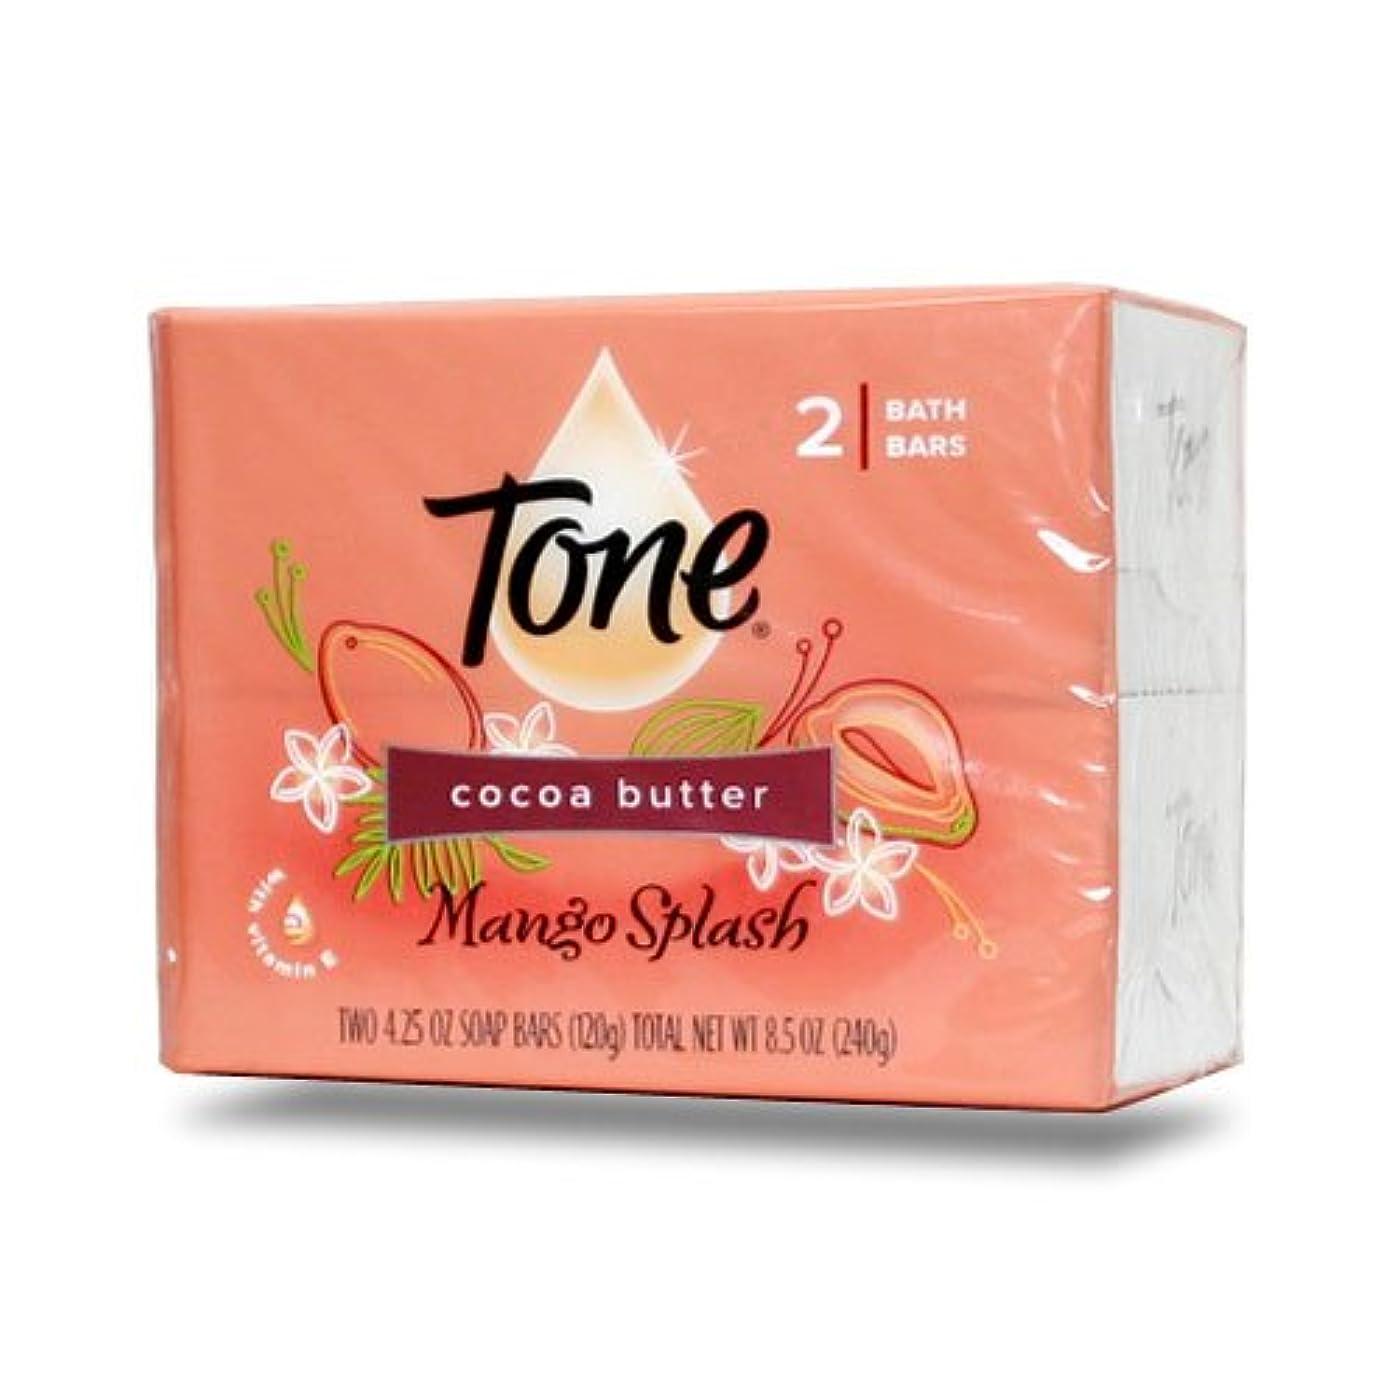 防腐剤保存乳製品【Tone】トーン石鹸(マンゴスプラッシュ)120g×2個パック